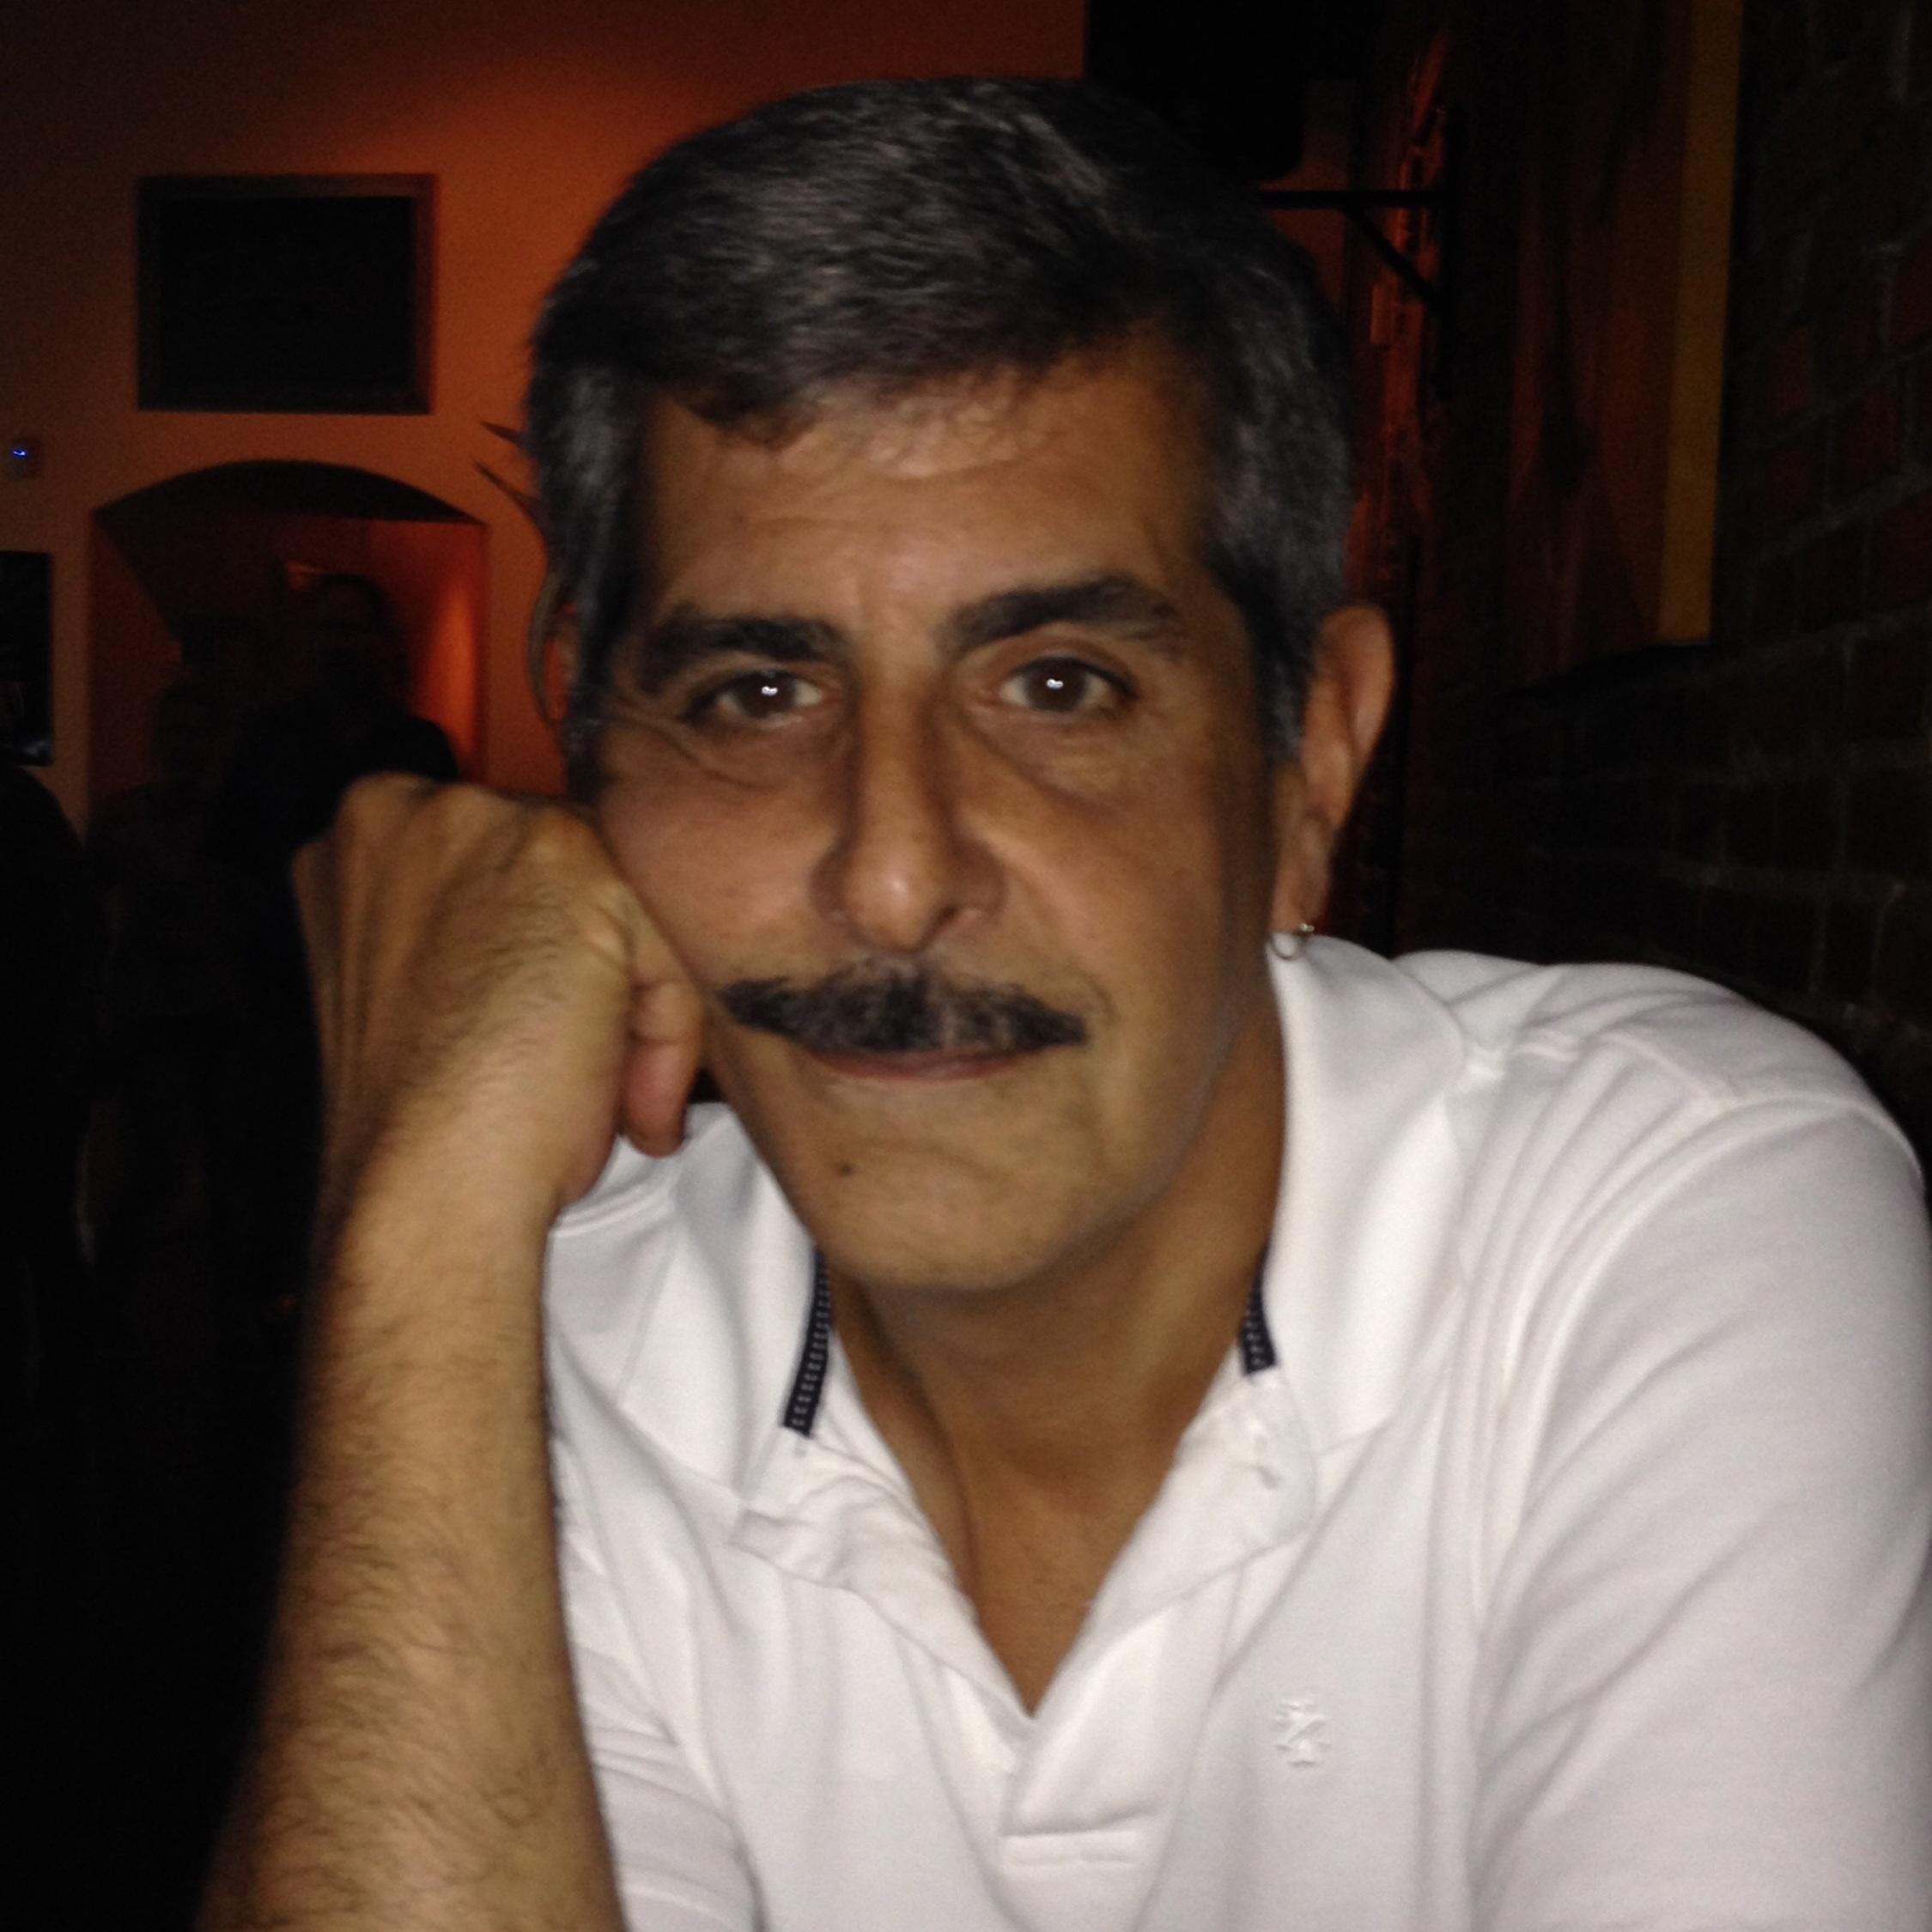 Paul+Iasevoli.jpg